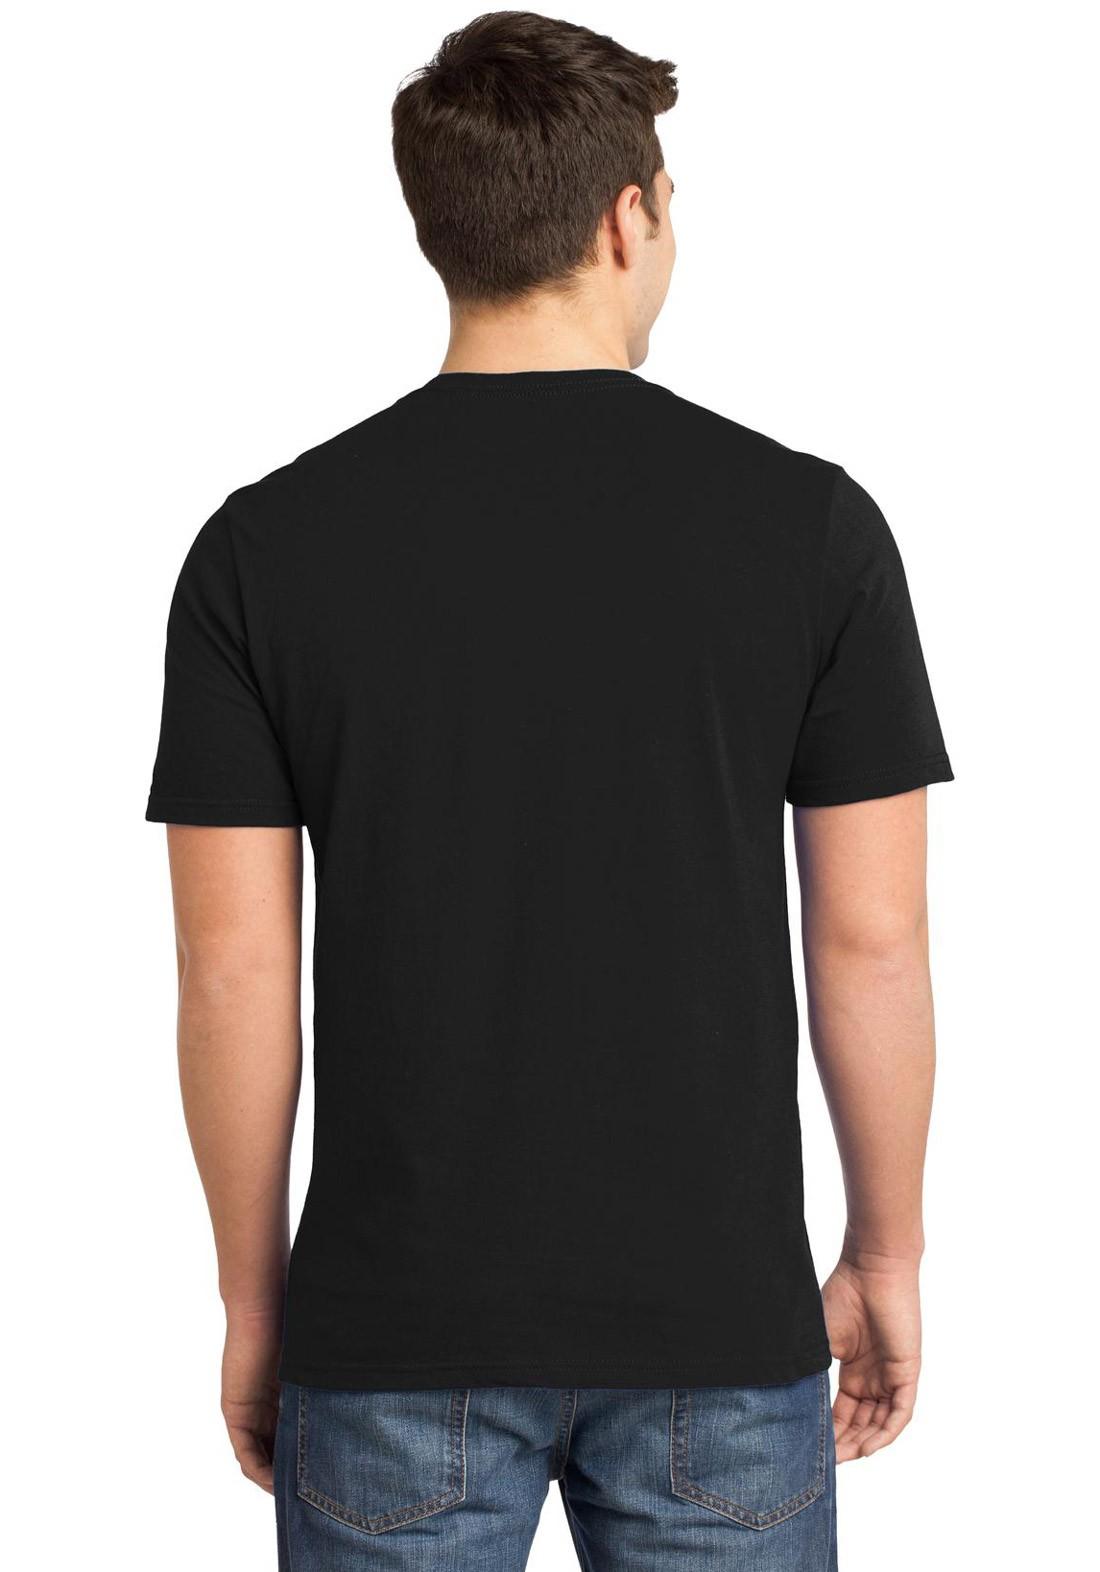 Camiseta Masculina Universitária Faculdade Física